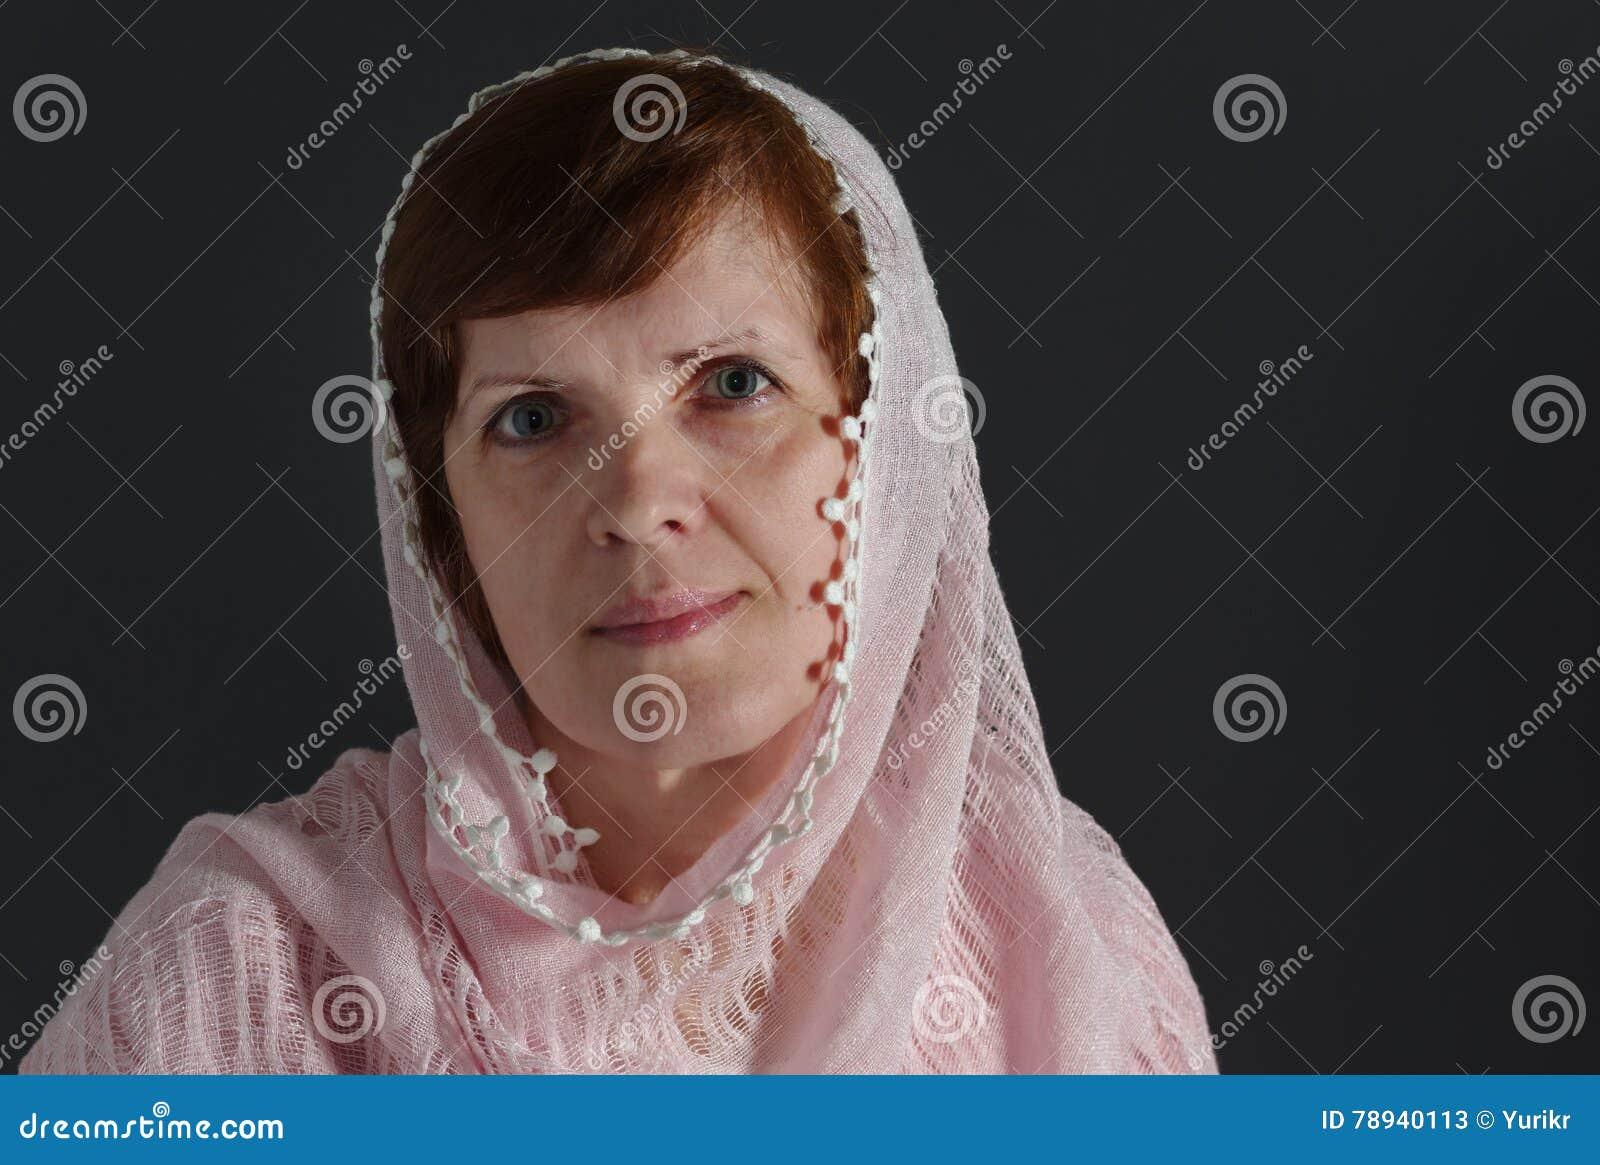 Bella donna caucasica matura che porta scialle color crema contro il fondo  scuro 116dc76f13cf